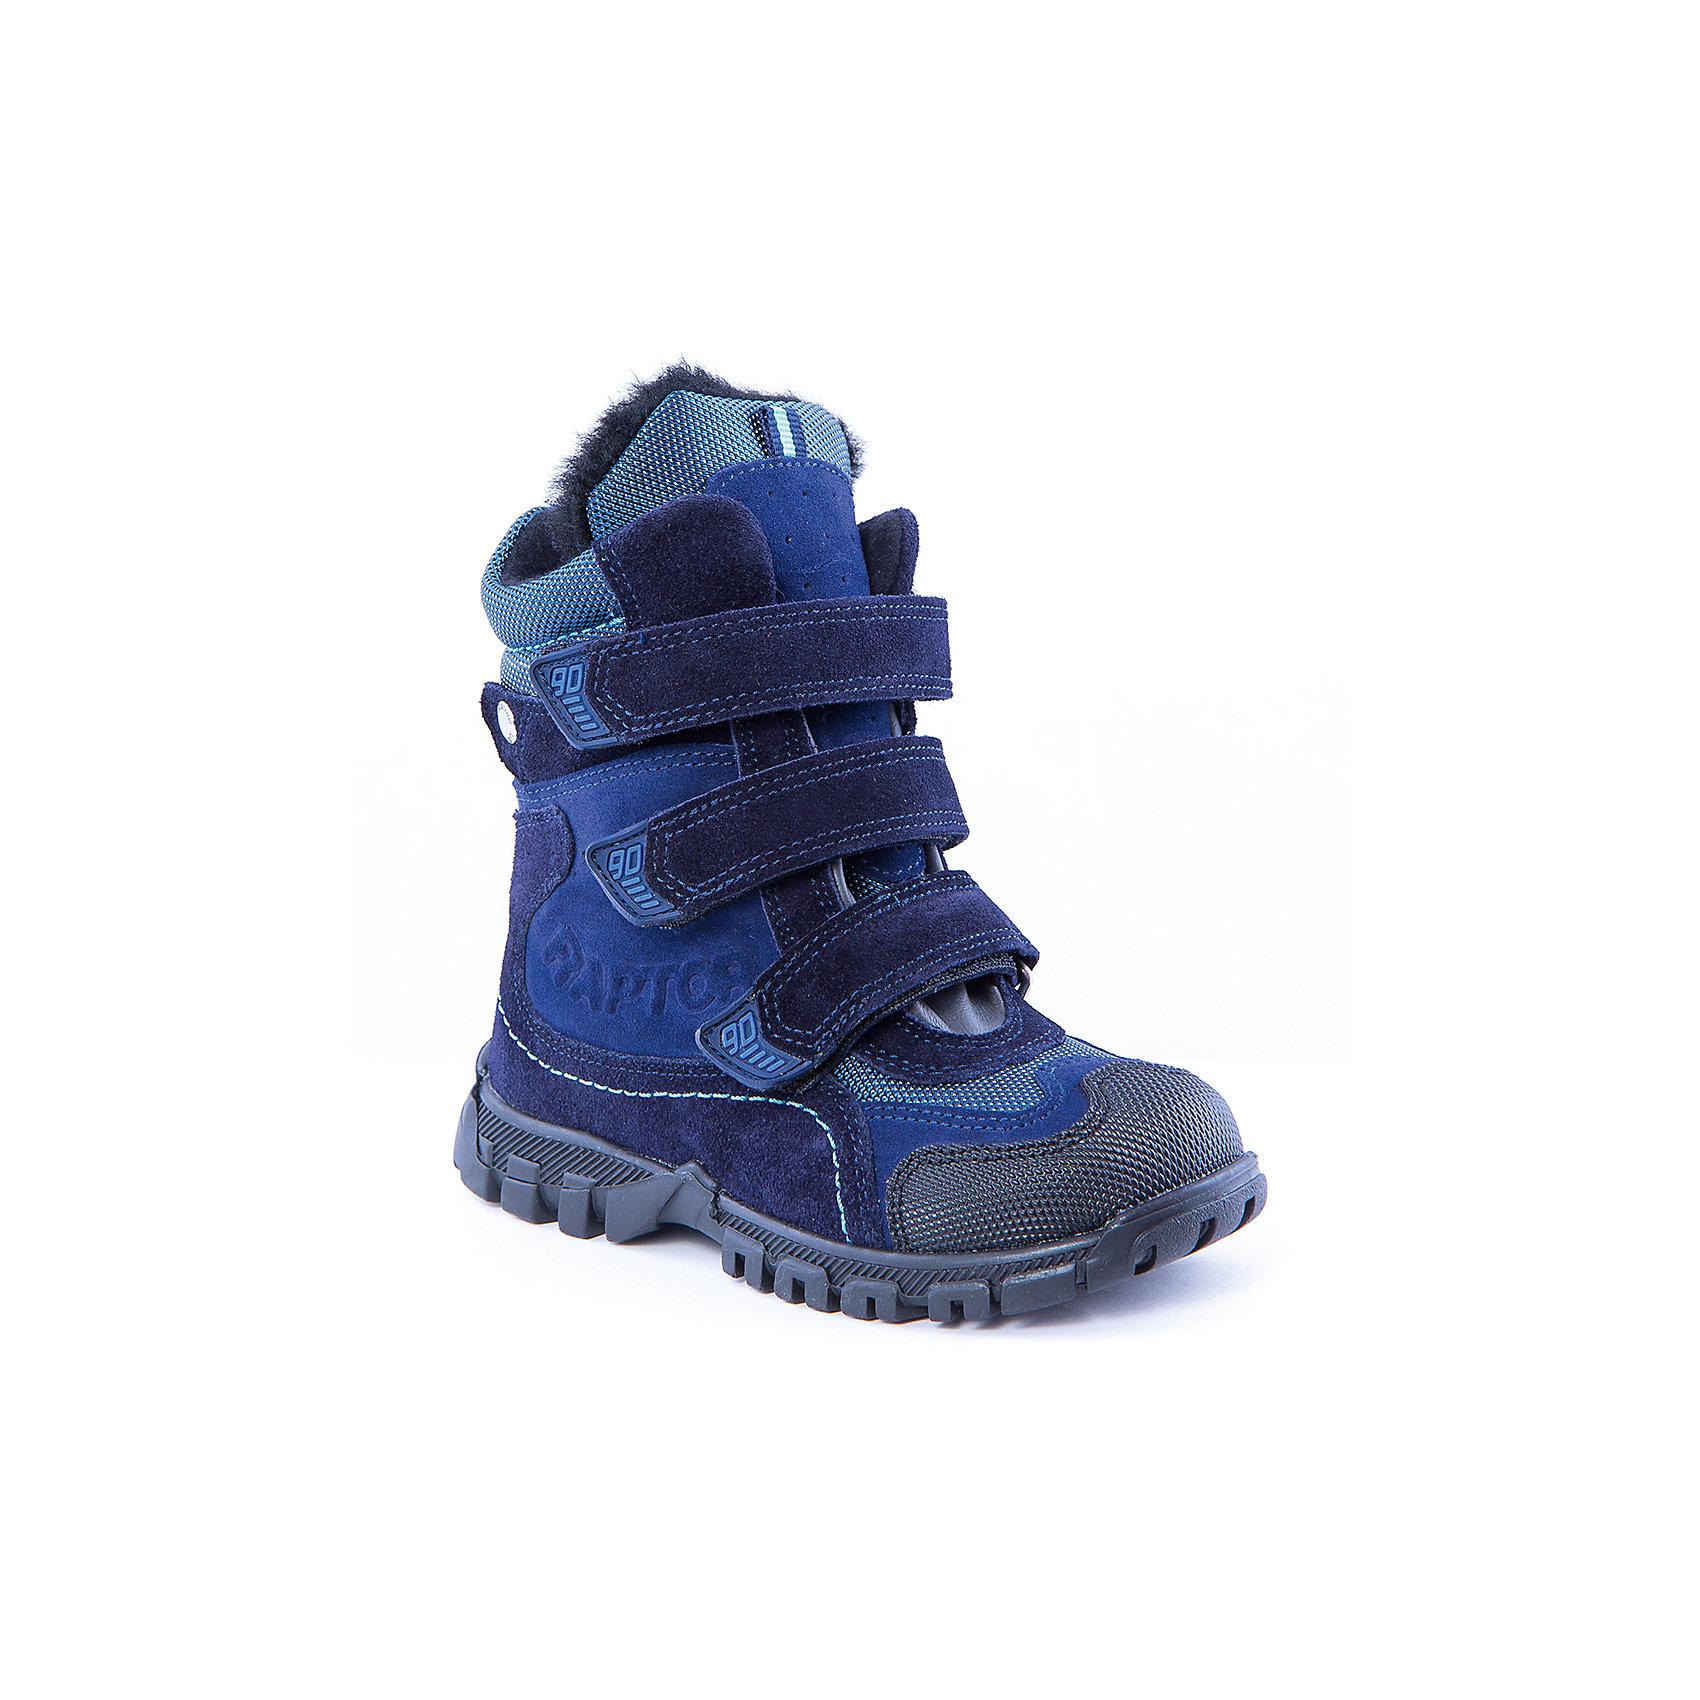 Полусапоги для мальчика MinimenПолусапоги для мальчика от известного бренда Minimen<br><br>Сапоги из натуральной кожи Minimen созданы для ношения в межсезонье и начинающиеся холода. Их форма тщательно проработана, поэтому детским ножкам в такой обуви тепло и комфортно. Качественные материалы позволяют сделать изделия износостойкими и удобными.<br><br>Отличительные особенности модели:<br><br>- цвет: синий;<br>- гибкая нескользящая подошва;<br>- усиленный носок и задник;<br>- эргономичная форма;<br>- удобная колодка;<br>- шерстяная подкладка;<br>- натуральная кожа;<br>- застежки-липучки.<br><br>Дополнительная информация:<br><br>Температурный режим: от - 15° С до +5° С.<br><br>Состав:<br>верх - 100% натуральная кожа<br>подкладка - 100% шерсть<br>подошва -ТЭП<br><br>Полусапоги для мальчика Minimen (Минимен) можно купить в нашем магазине.<br><br>Ширина мм: 257<br>Глубина мм: 180<br>Высота мм: 130<br>Вес г: 420<br>Цвет: синий<br>Возраст от месяцев: 36<br>Возраст до месяцев: 48<br>Пол: Мужской<br>Возраст: Детский<br>Размер: 27,26,30,28,29<br>SKU: 4334417